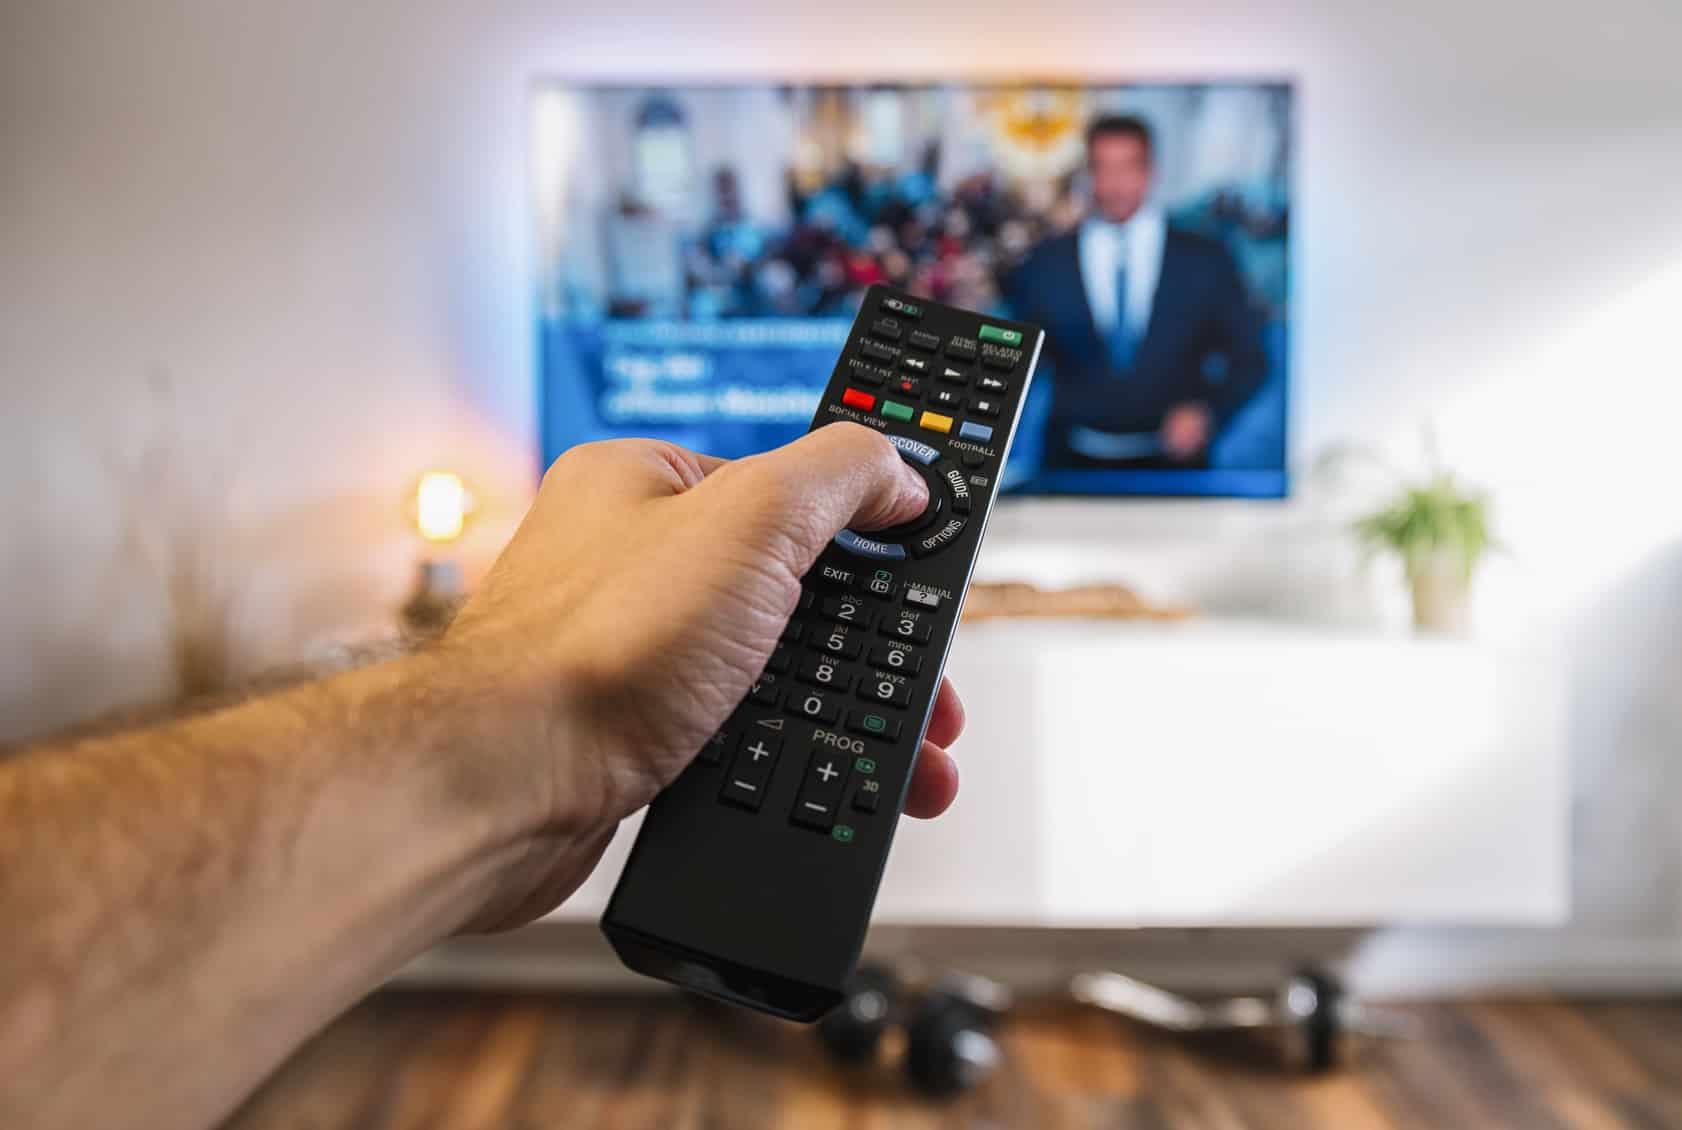 The CIU prevé que el mercado de televisión de paga continúe con su trayectoria positiva a lo largo de este año, a pesar de la desaceleración registrada en 2017 y 2018.